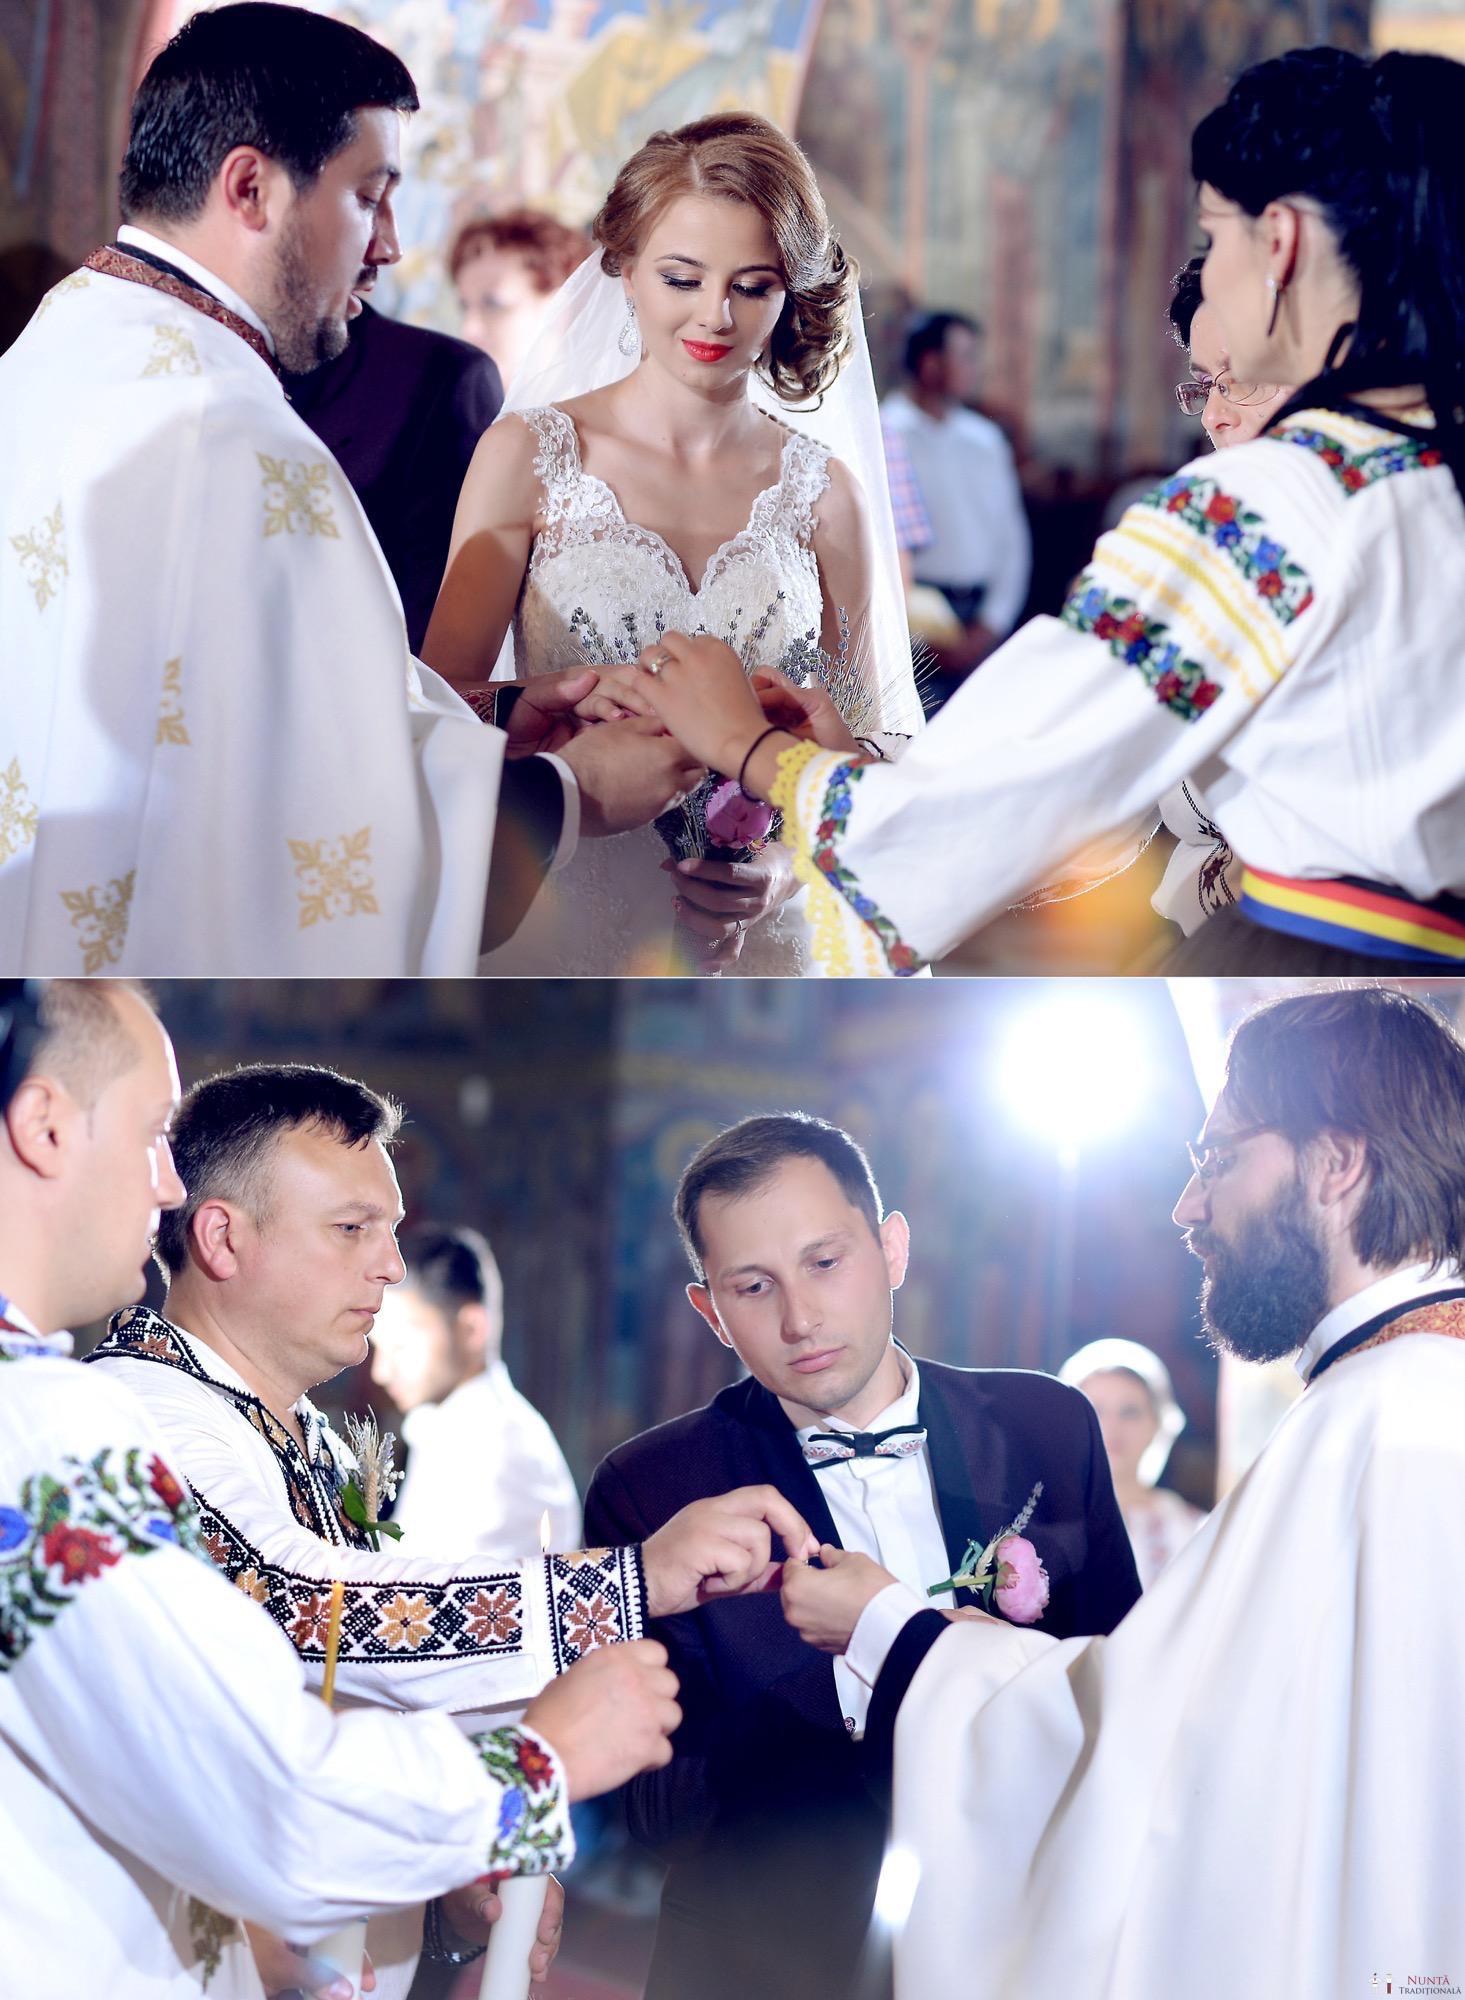 Povești Nunți Tradiționale - Iulia și Andrei. Nuntă tradițională în Bucovina. 64